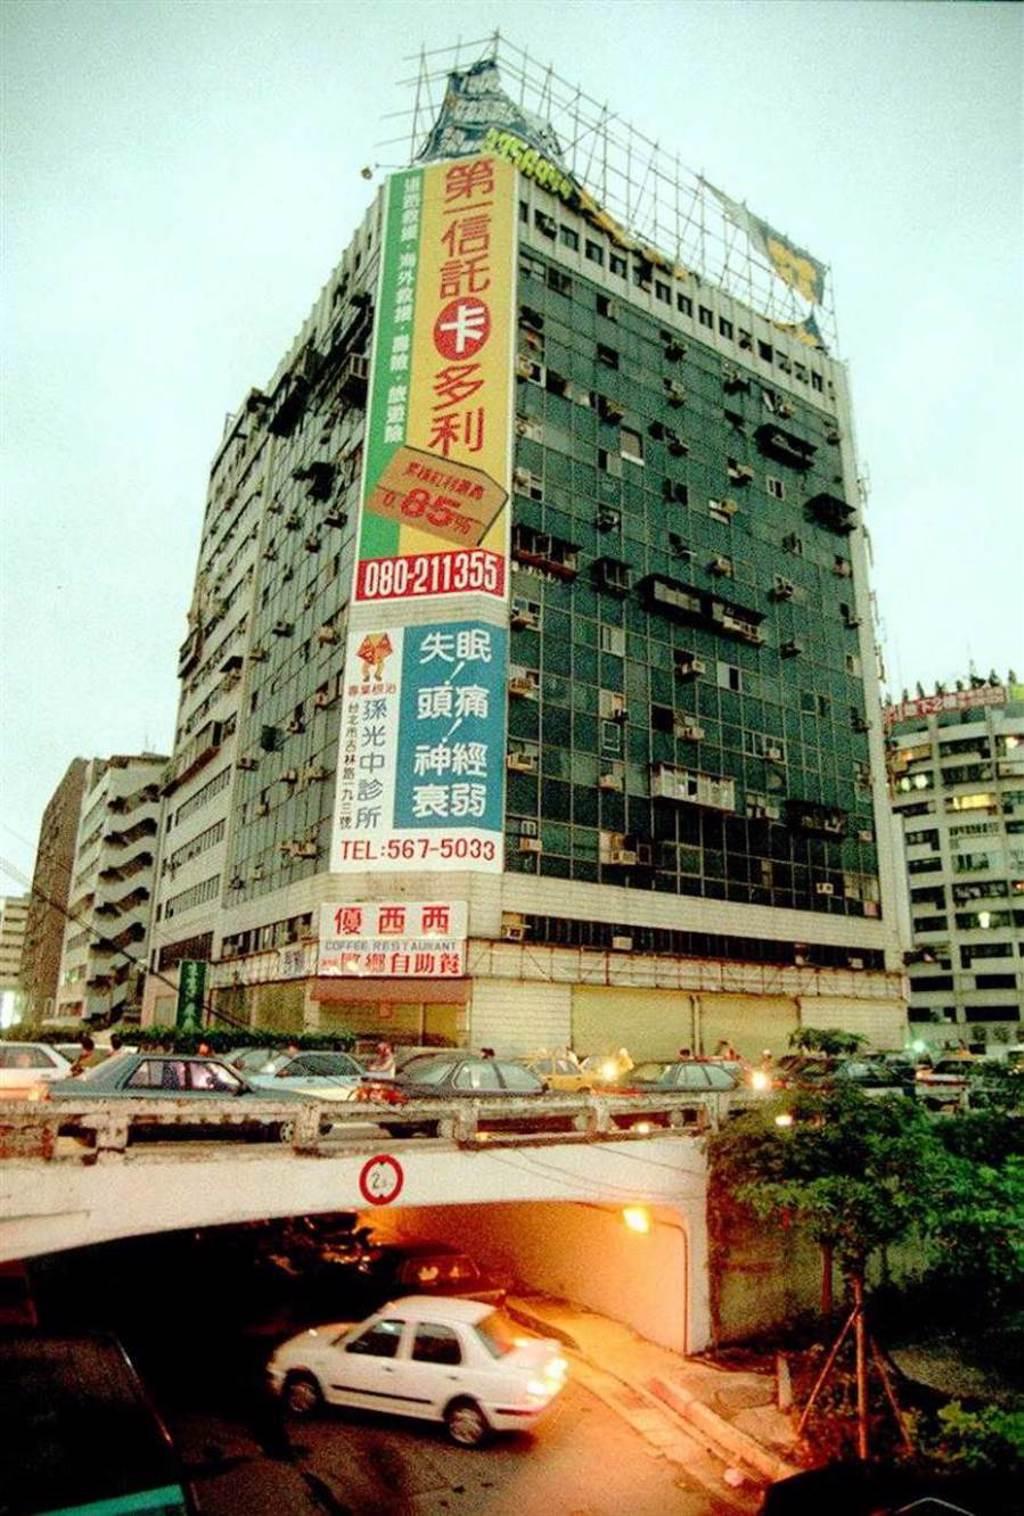 為了改運,大樓重新命名為「錦新大樓」但仍持續傳出不幸事故。(圖/報系資料照)